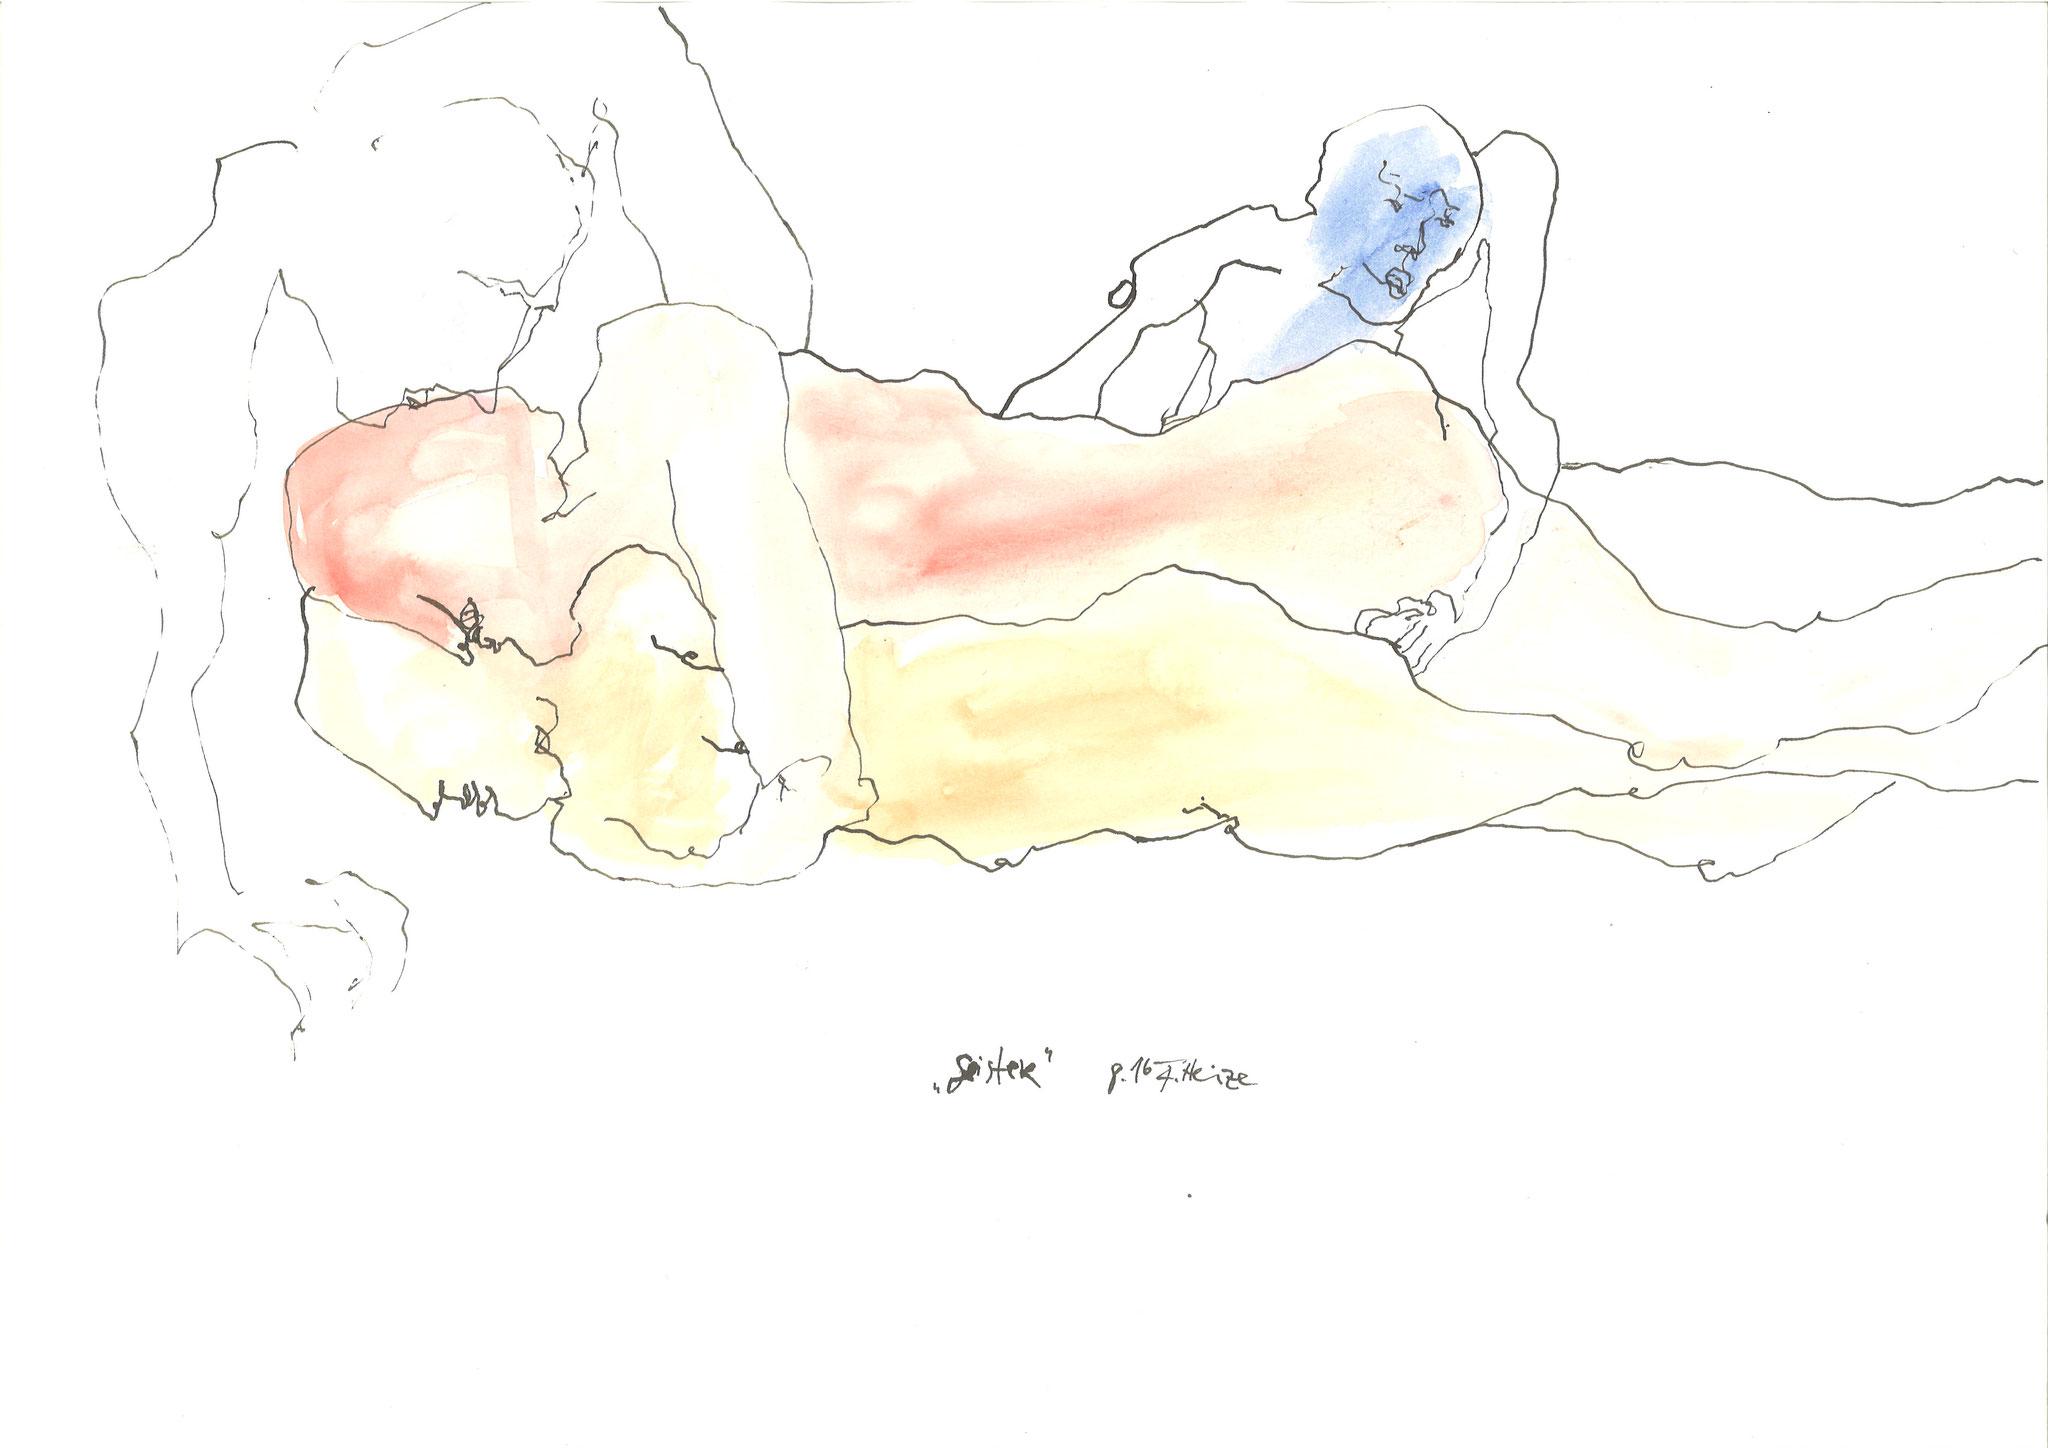 Geister 2016 Tusche Aquarell 59 x 42 cm